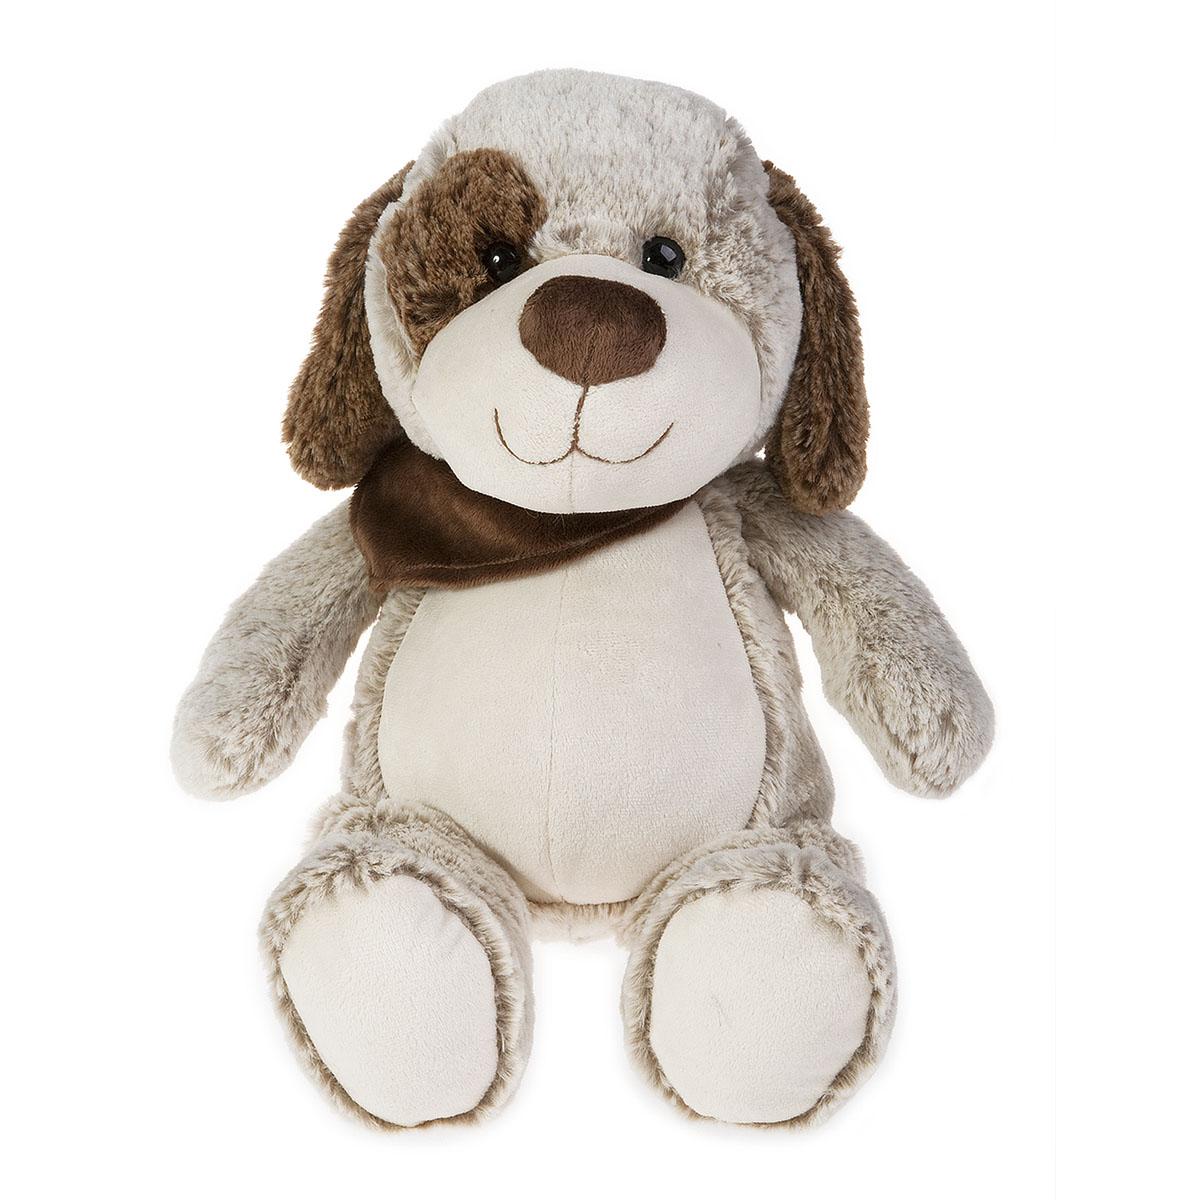 Купить 41-1132D, Мягкая игрушка Button Blue , Щенок Артемка, 21 см, Button Blue мягкая игрушка (shop: GulliverMarket Gulliver Market)